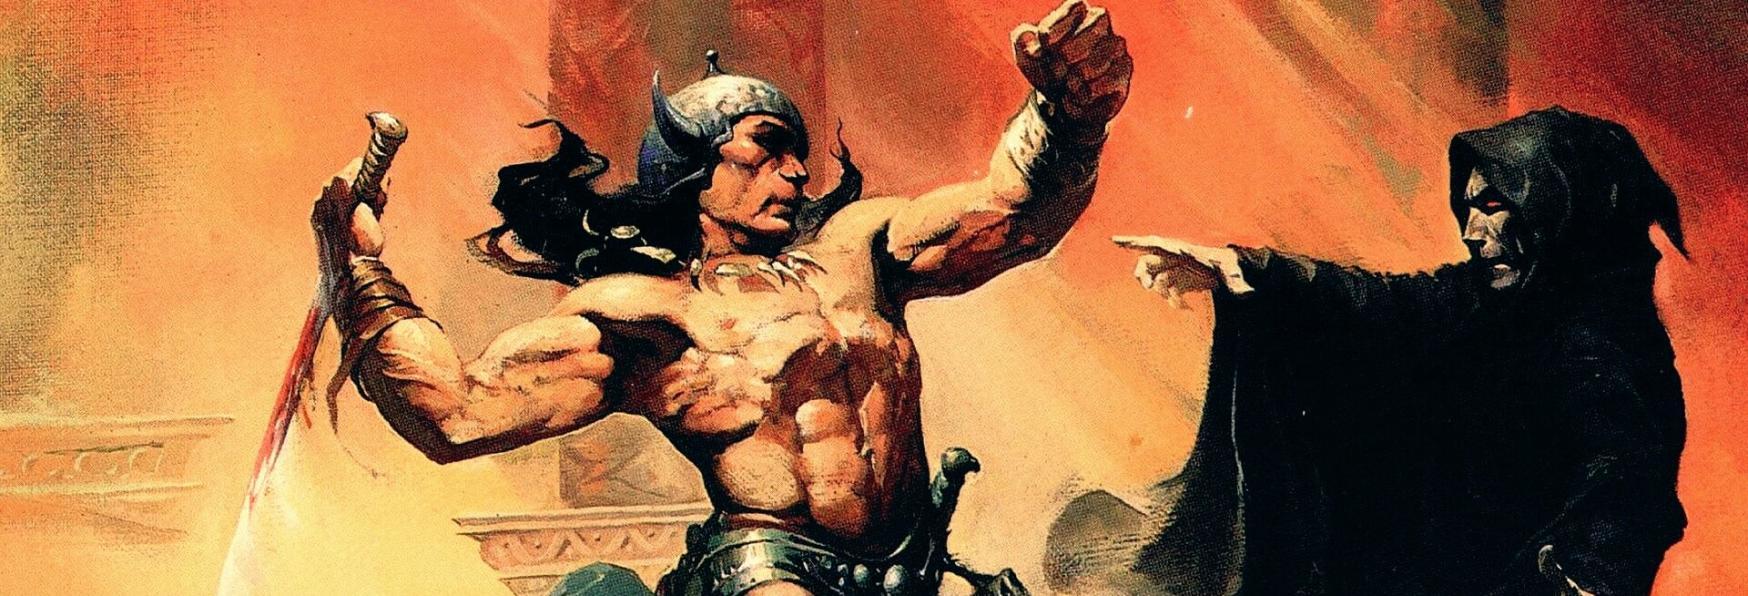 Conan il Barbaro: in fase di produzione una nuova Serie TV per Netflix basata sul Personaggio di Robert E. Howard